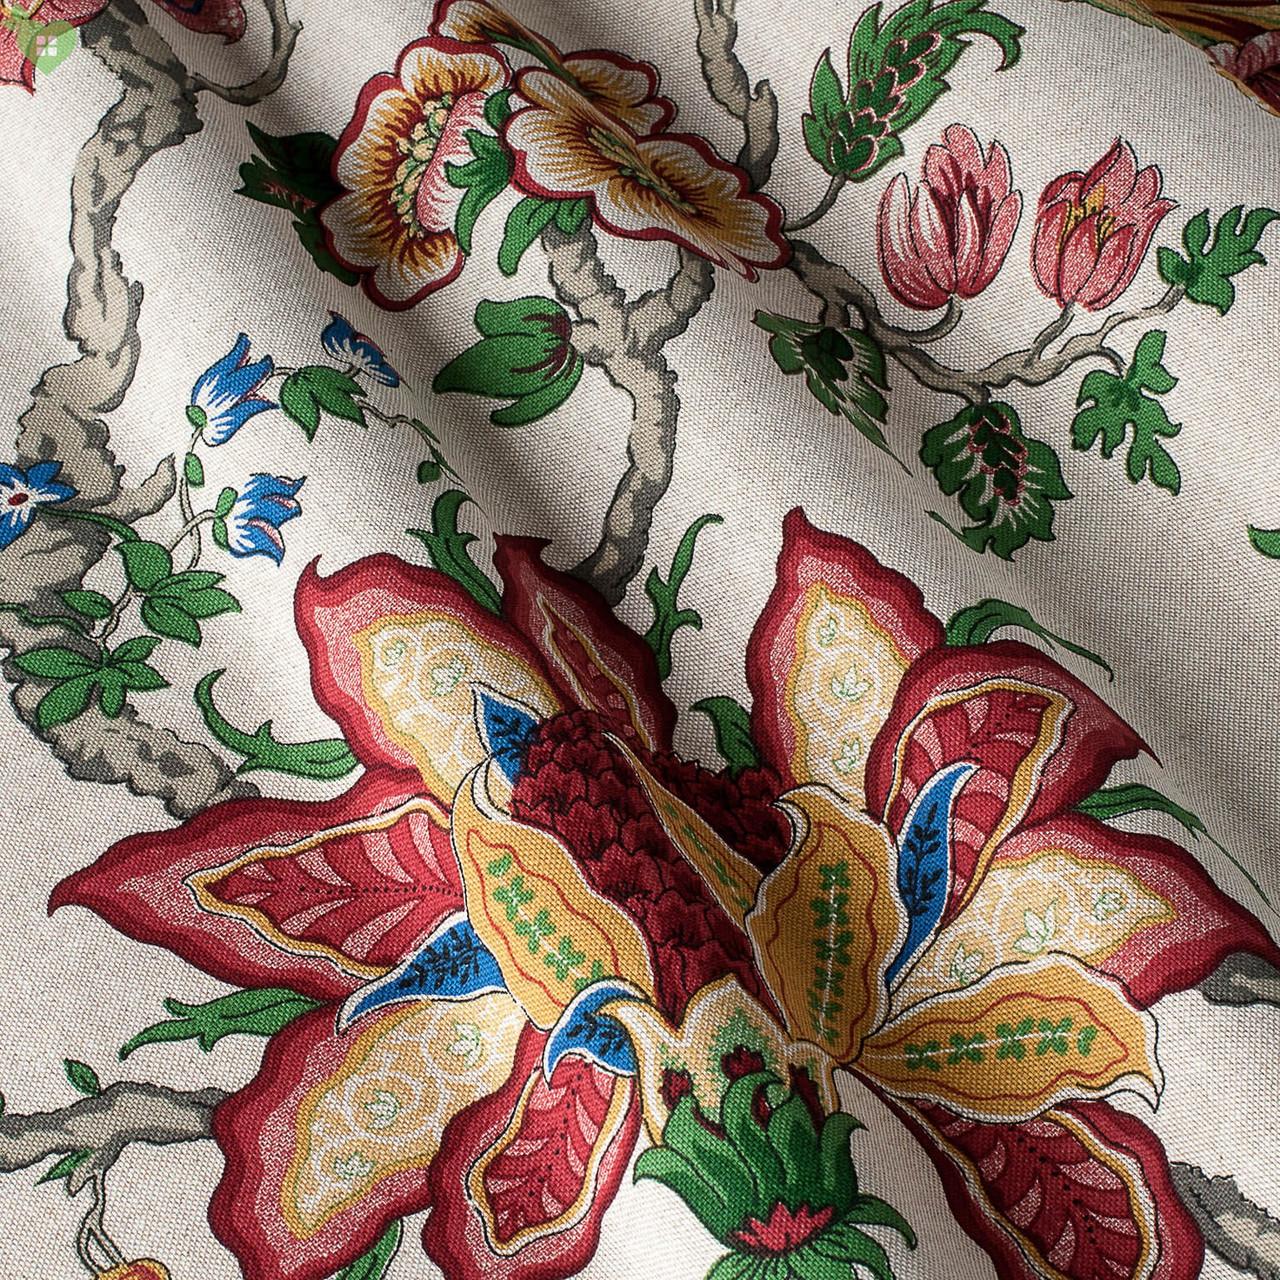 Ткань для штор, декоративных подушек хлопковая с узором крупные растения в зал, спальную 82141v4